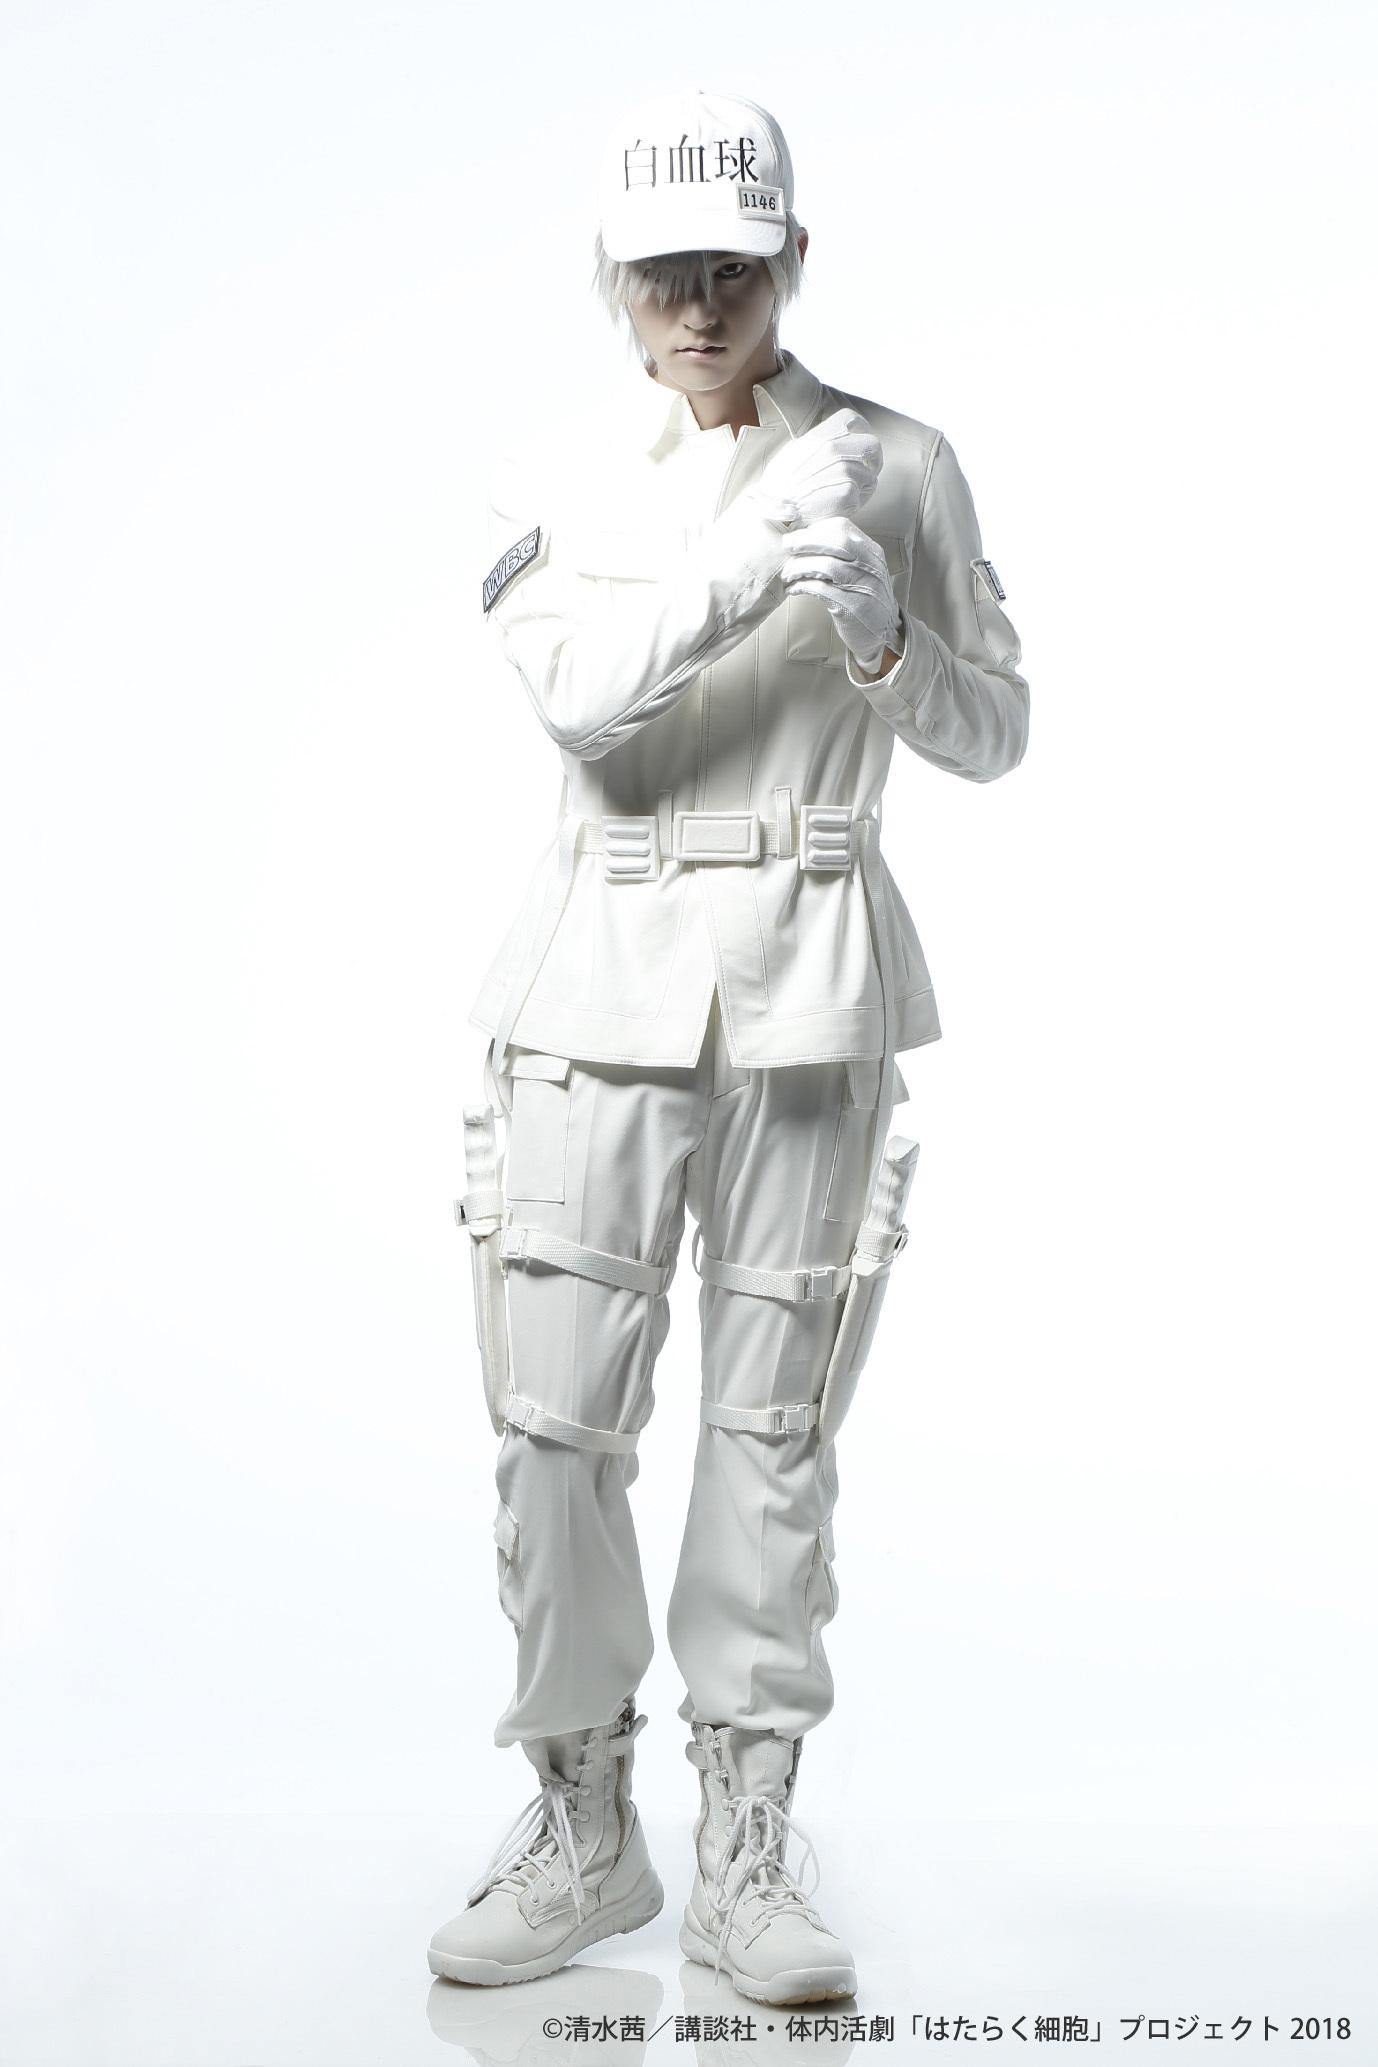 白血球(好中球)役:和田雅成